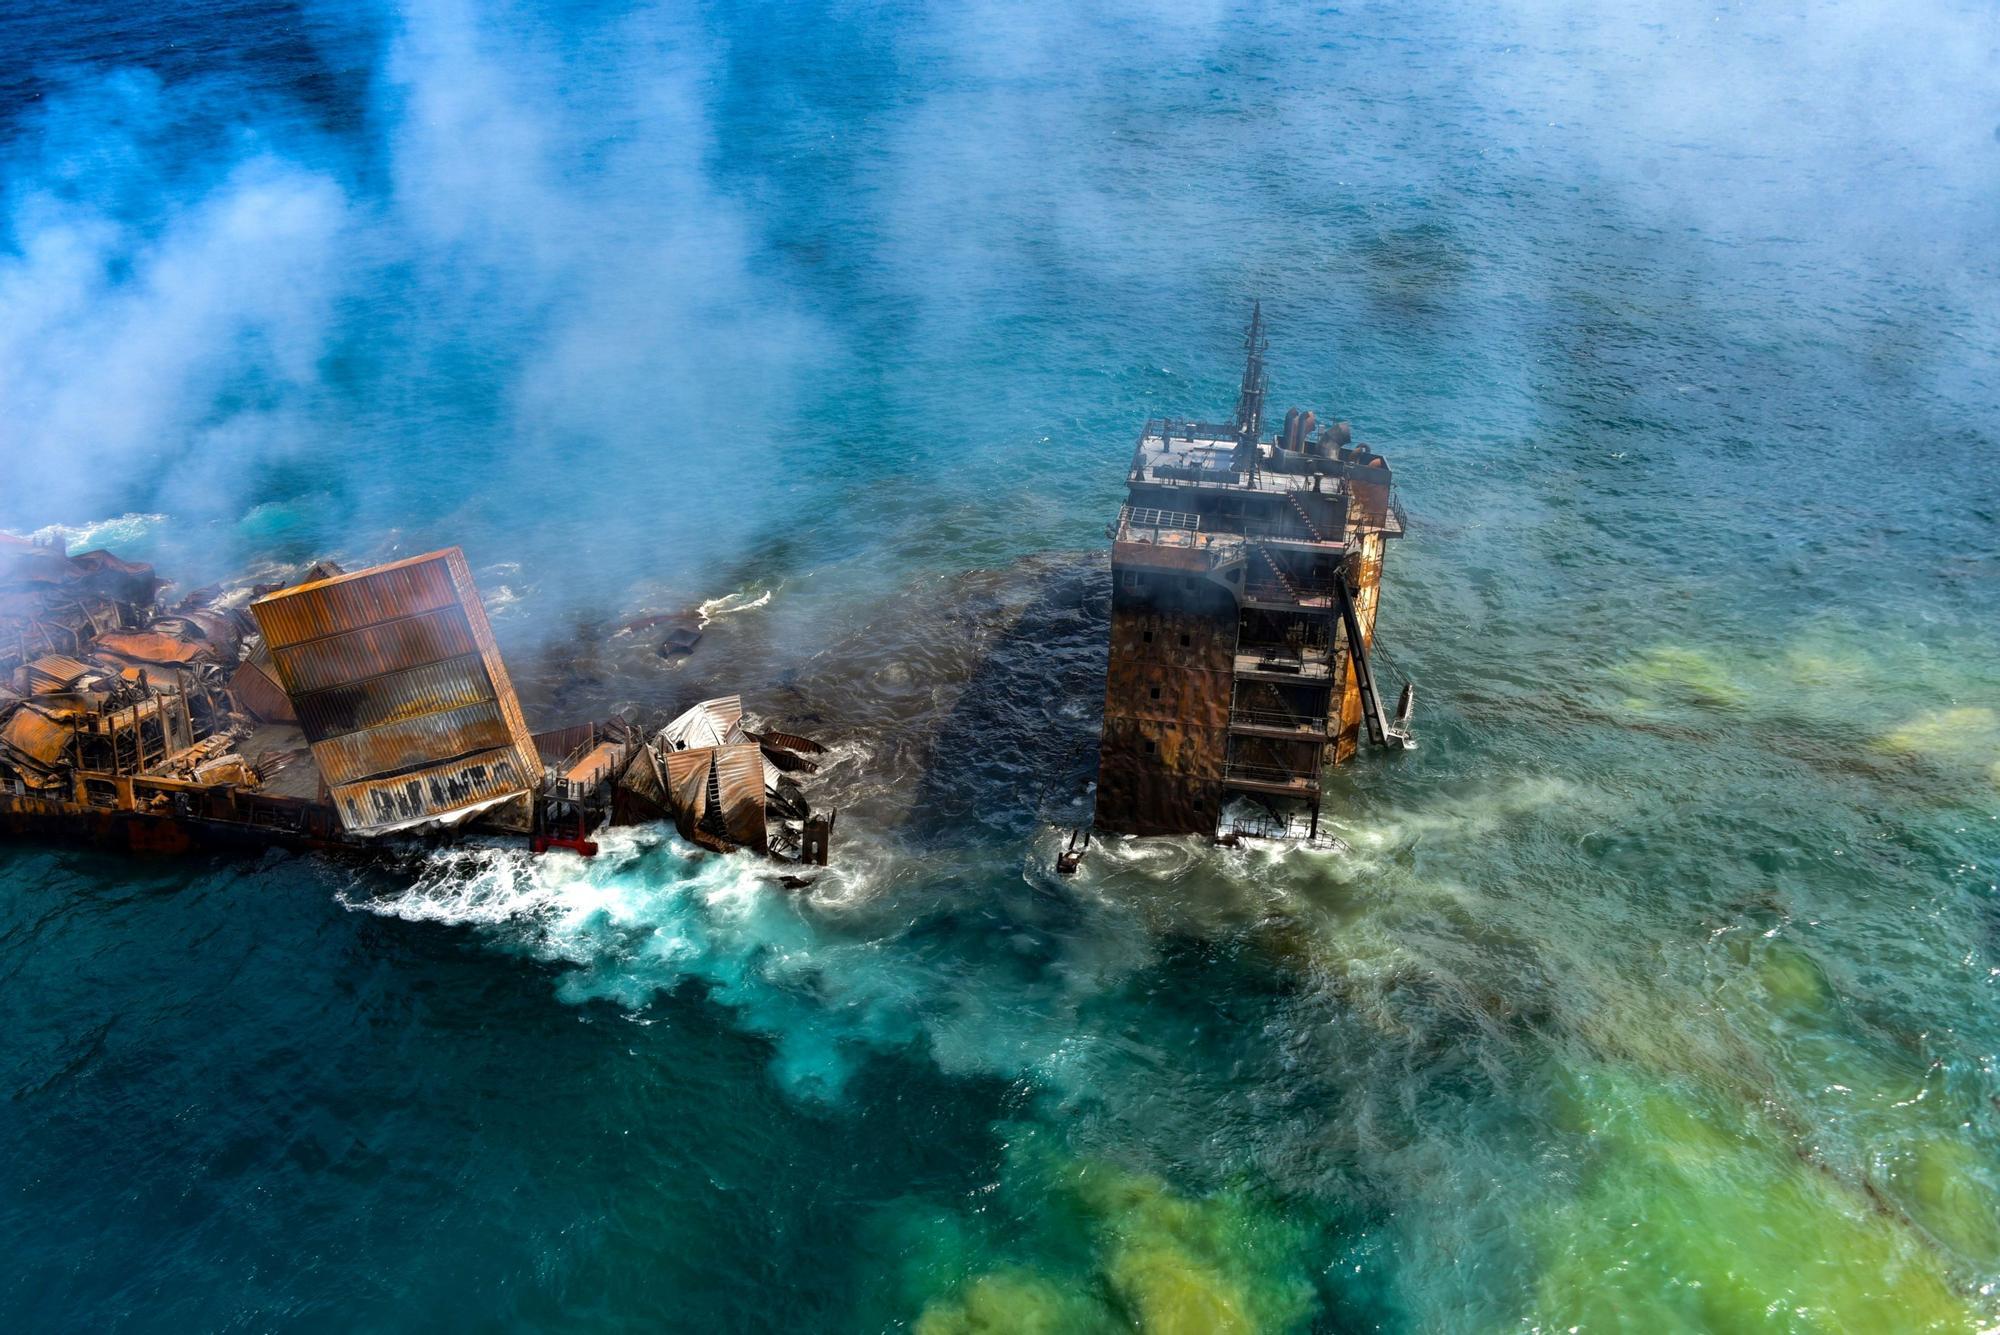 Un barco se hunde en las aguas de Sri Lanka